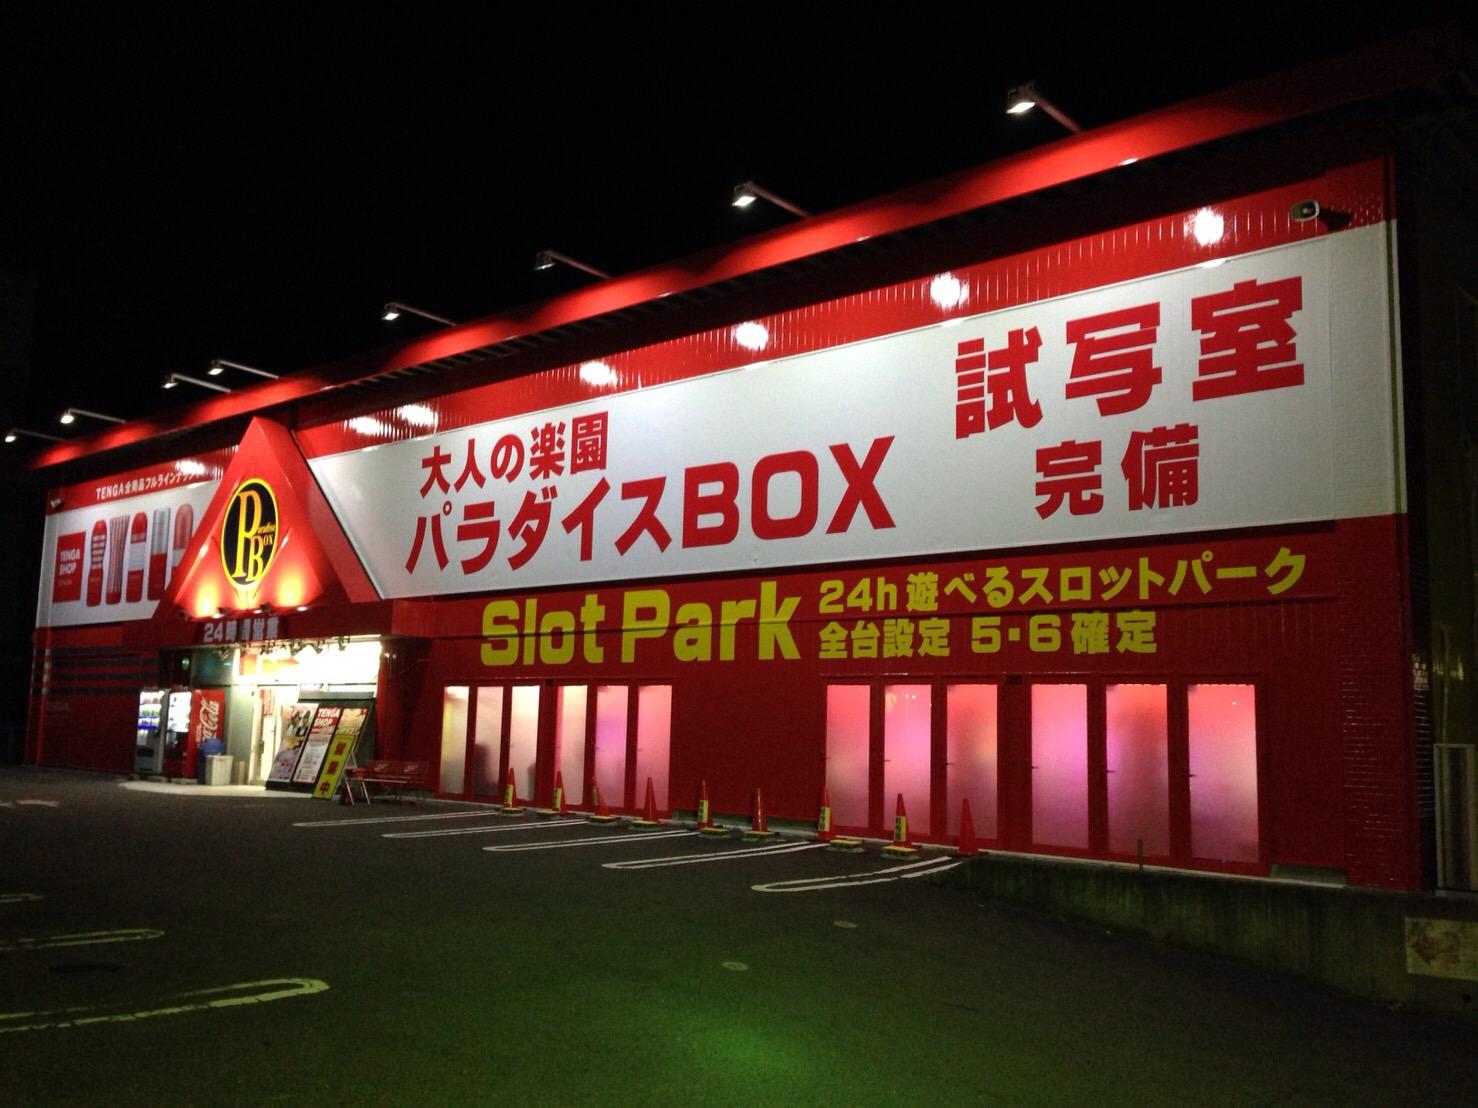 パラダイスBOX 仙台店